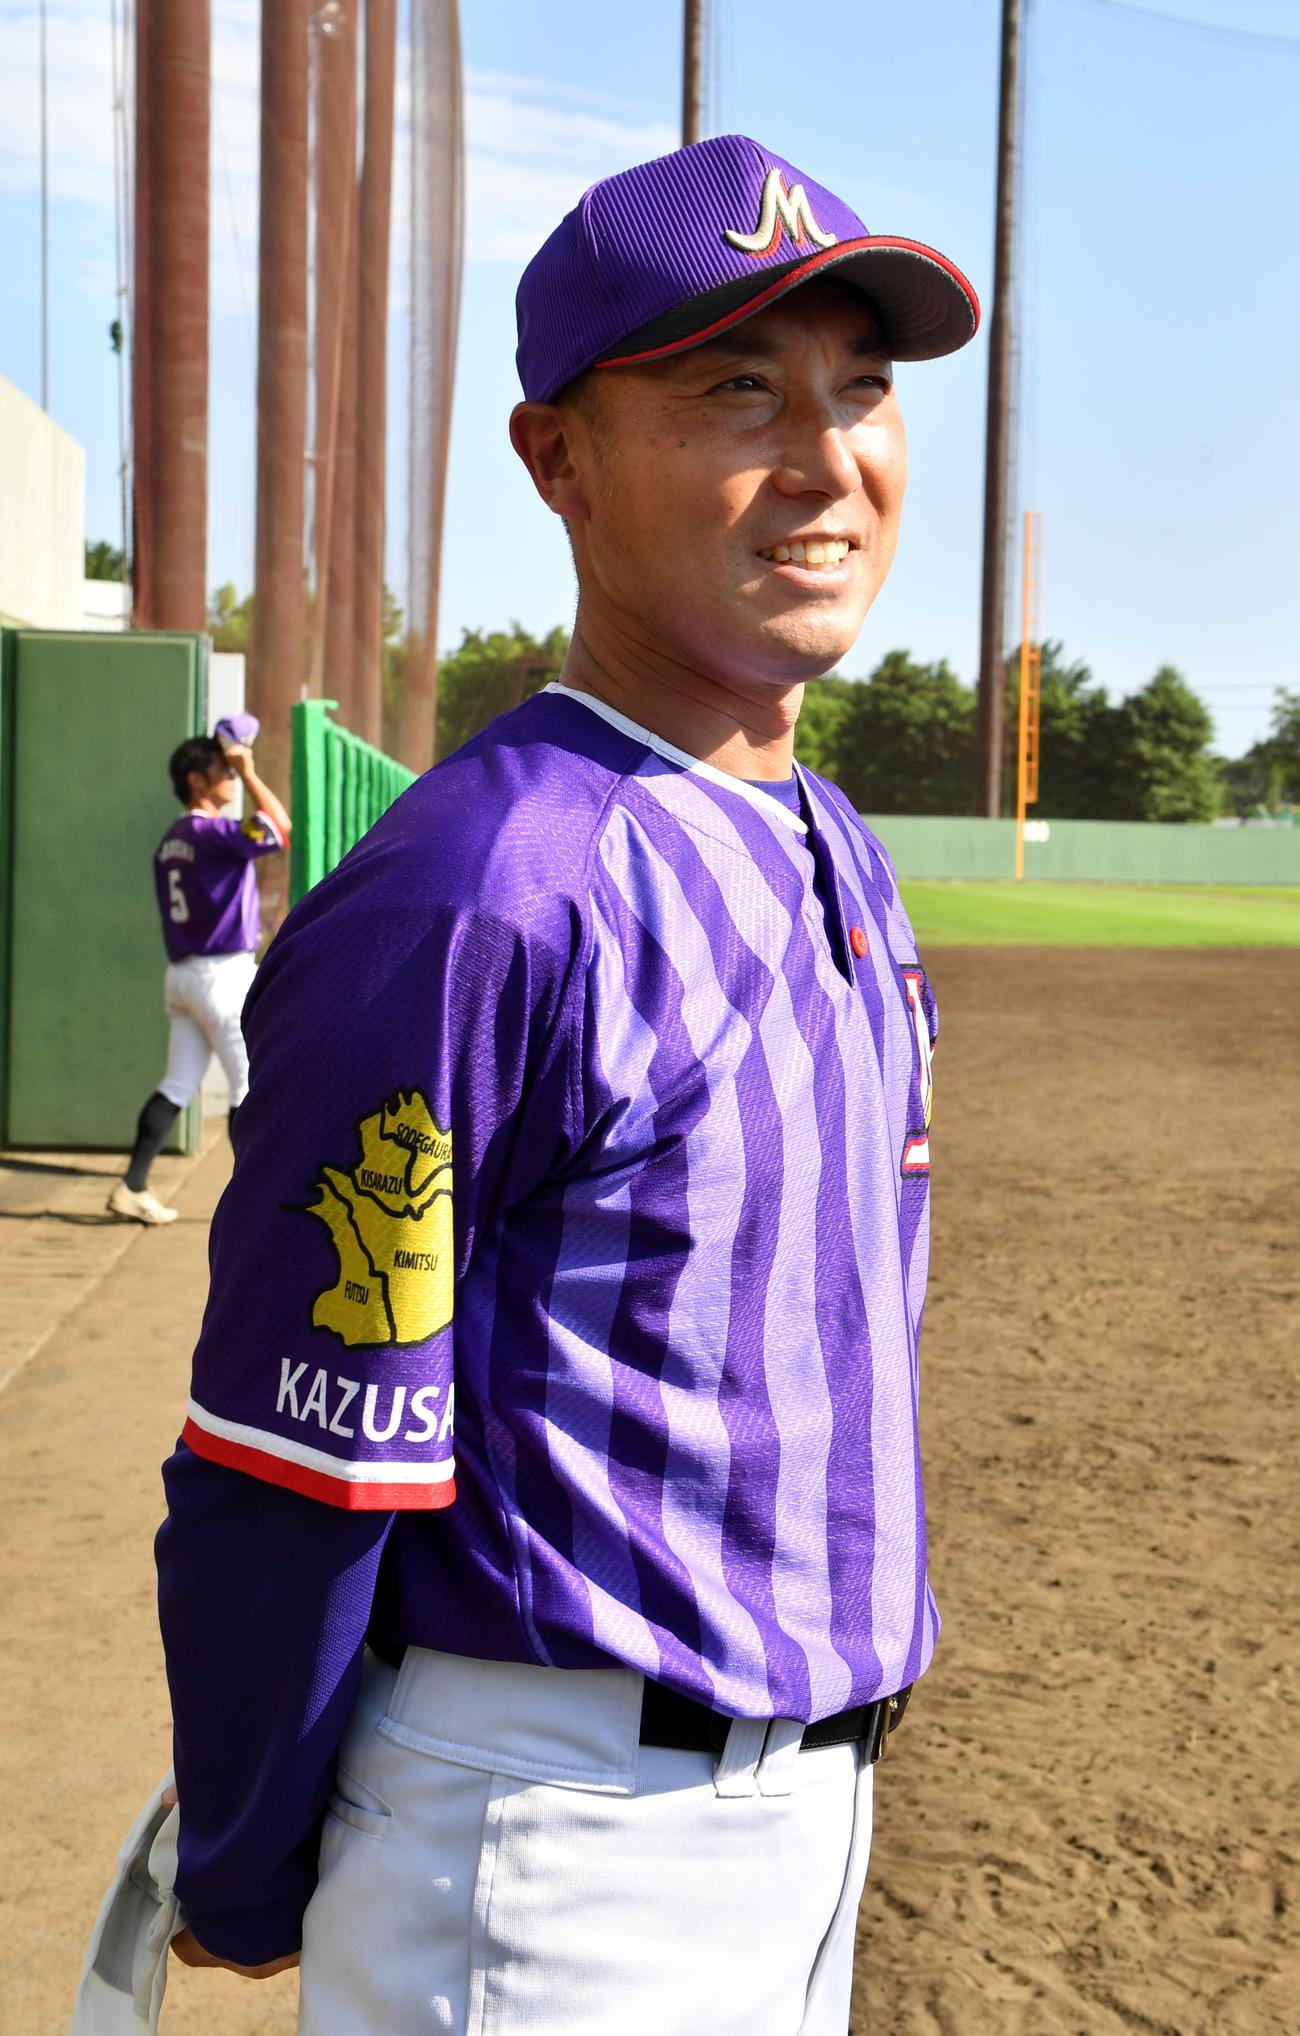 緊急事態宣言解除後、初の社会人野球の練習試合でJR東日本に勝利した日本製鉄かずさマジックの渡辺監督は笑顔を見せる(撮影・柴田隆二)